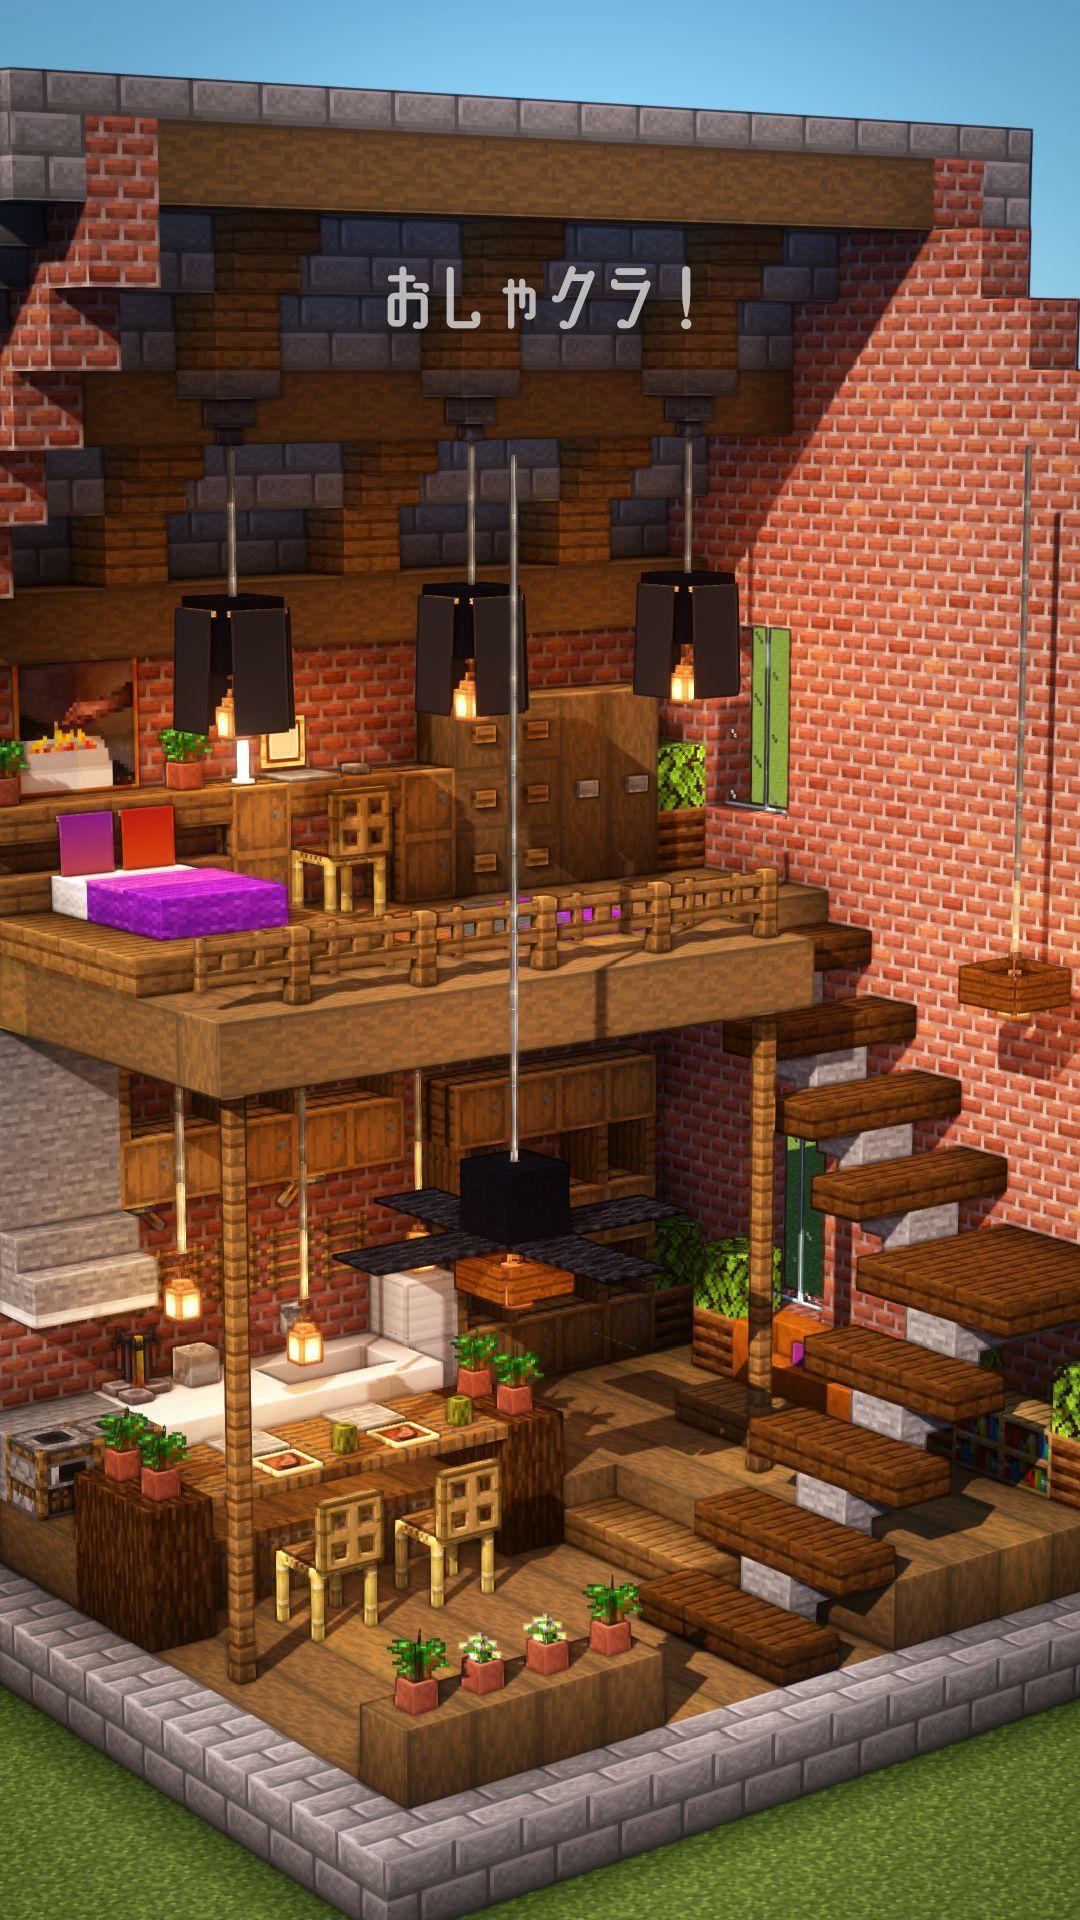 Minecraft Cool House Blueprints - Floor Plans Concept Ideas